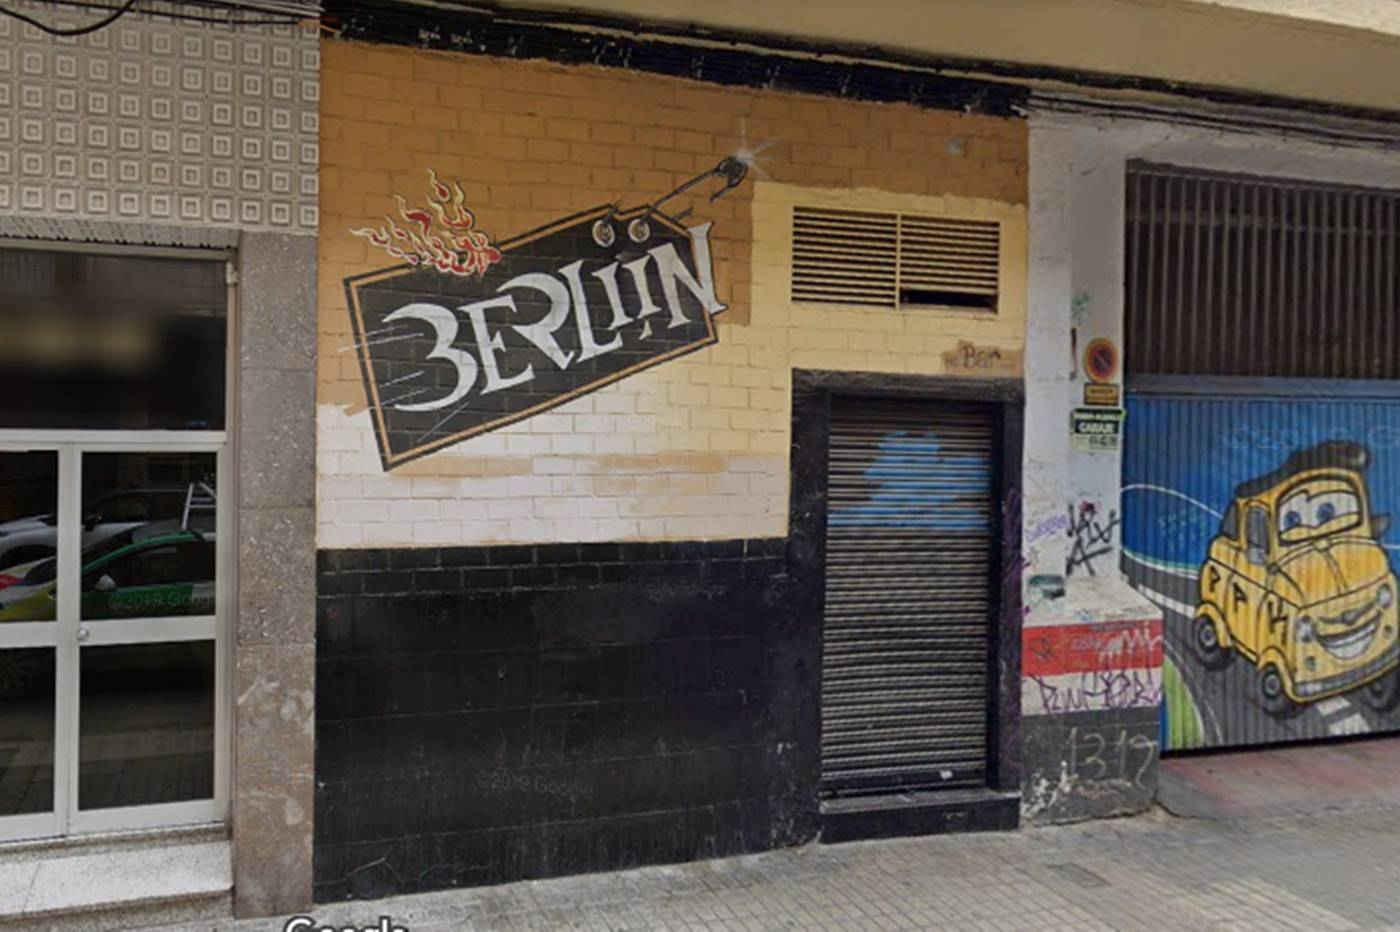 Personas cercanas al Bar Berlín inician una campaña para salvarlo